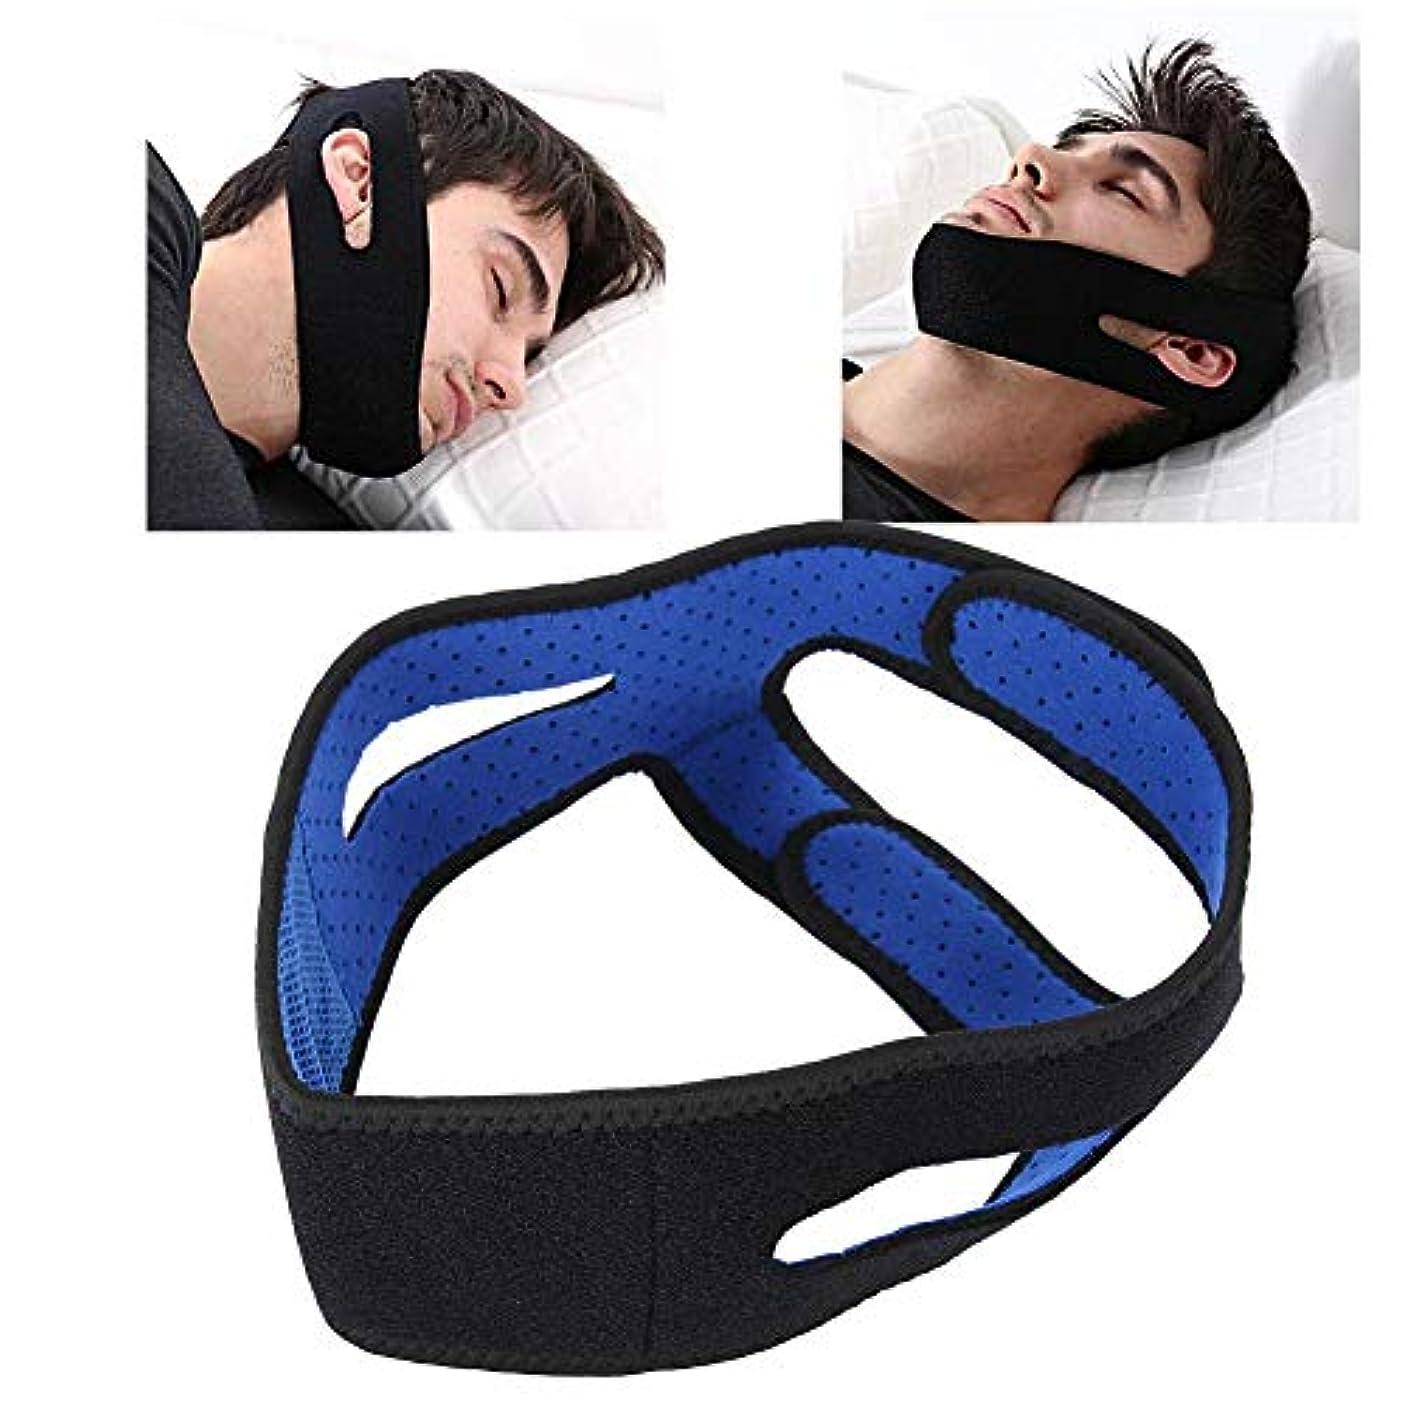 見つけたトリプルポインタあごサポートストラップ、男性と女性のいびきを眠るための調節可能な顎あごひげの顔の持ち上がるベルト